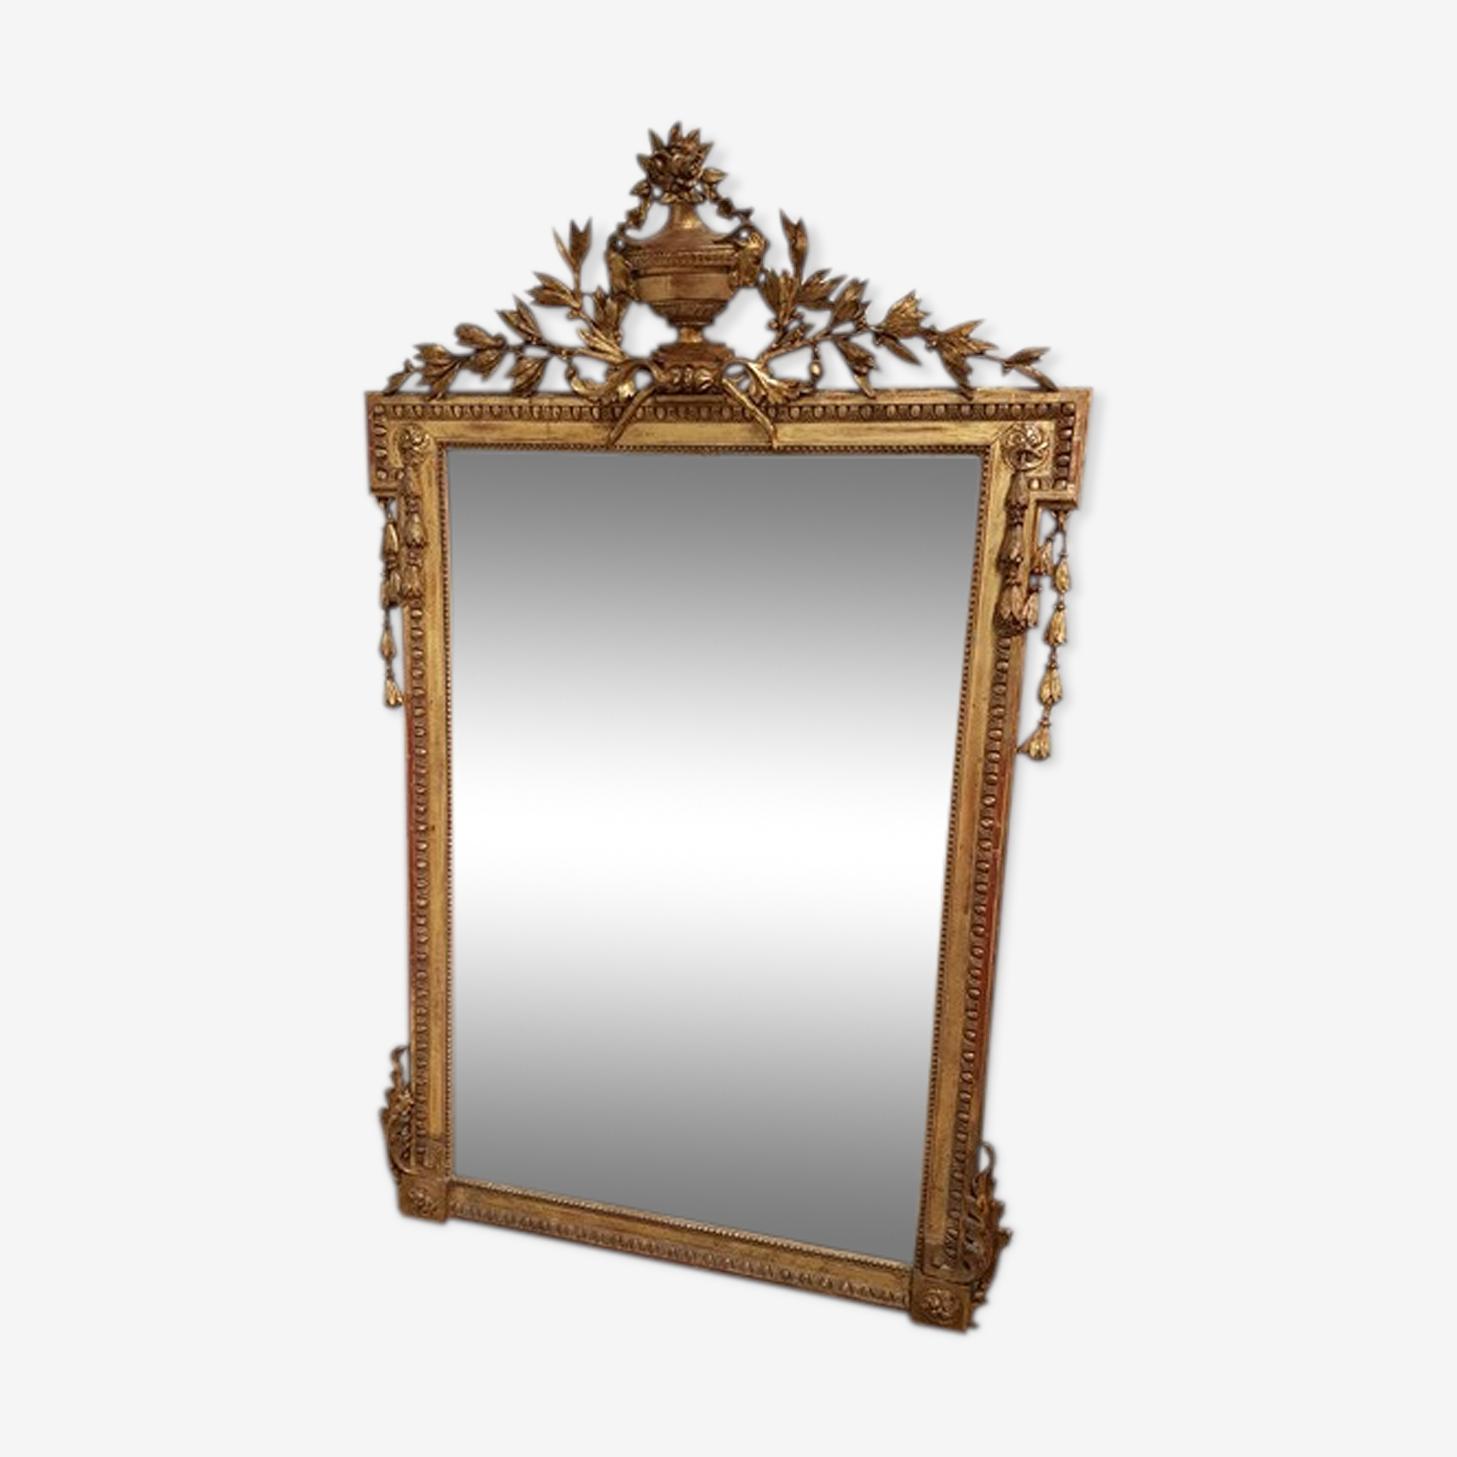 Miroir Louis XVl doré 110x175cm